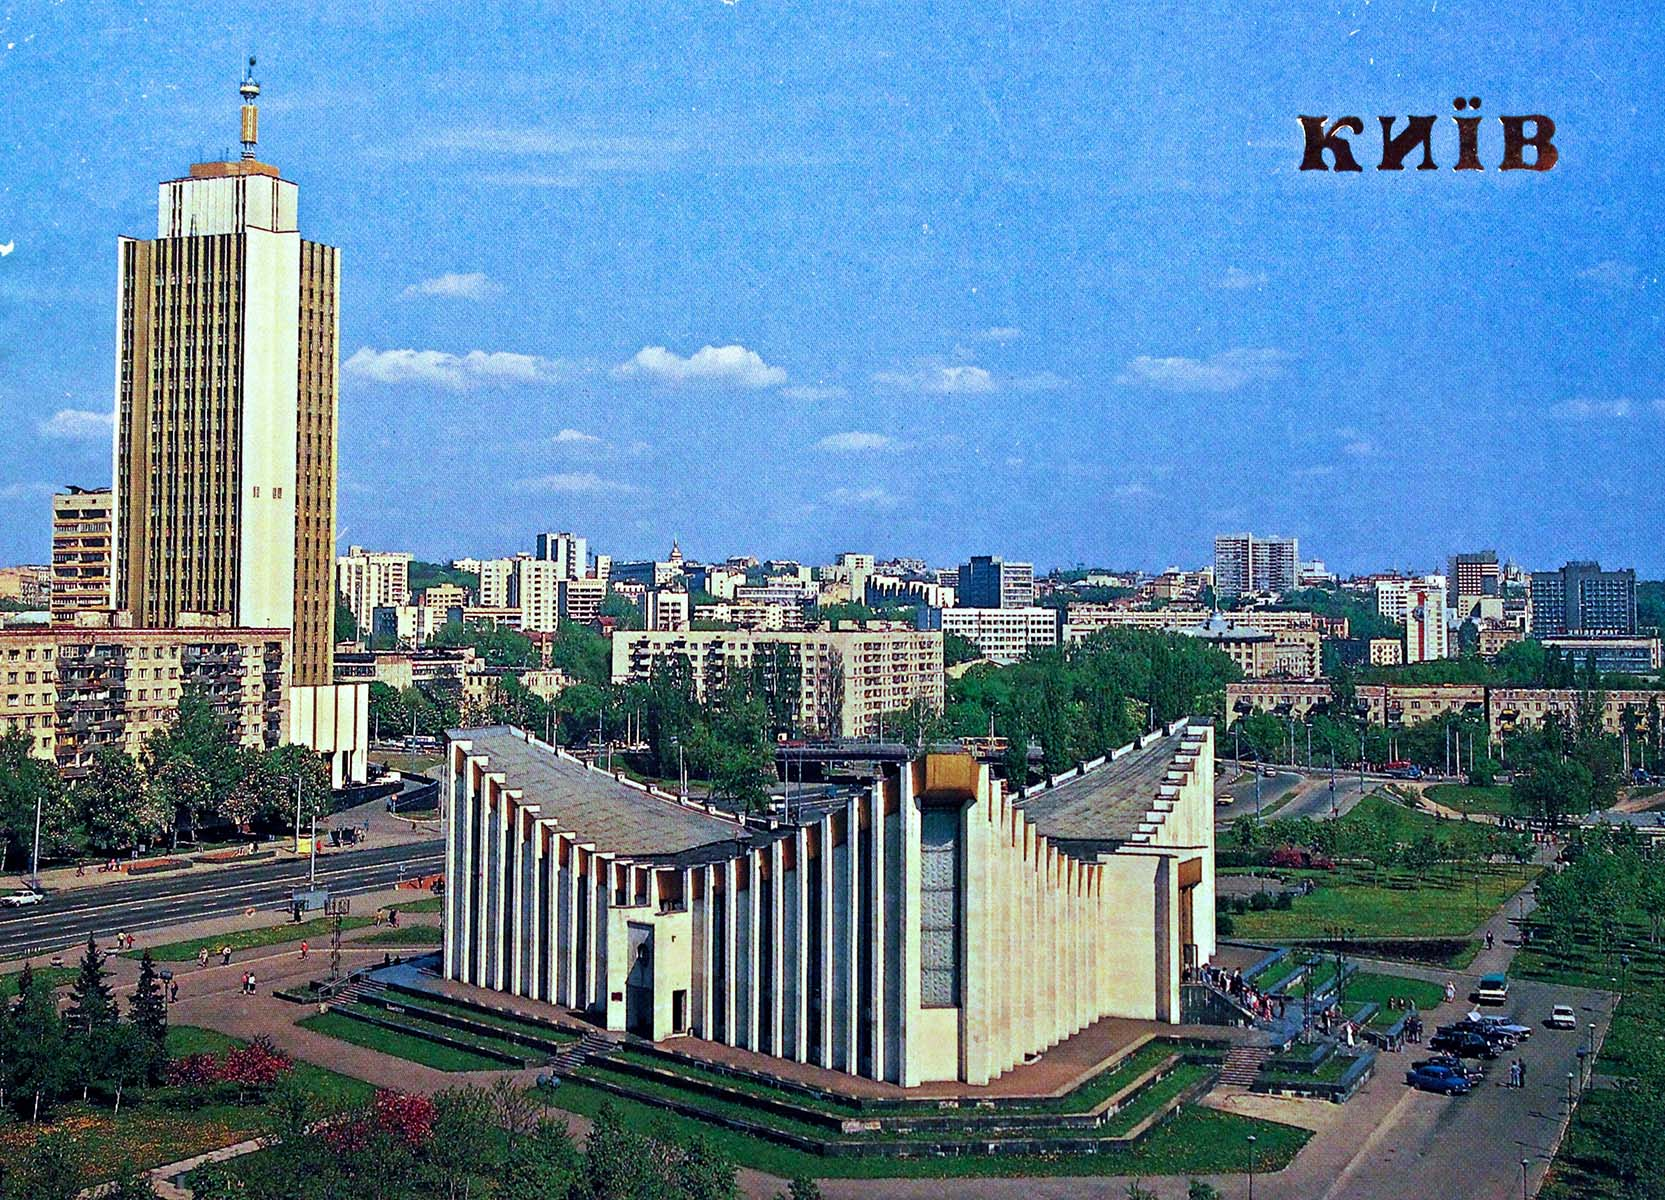 Центральный дворец бракосочетаний, 1989-1990 годы.